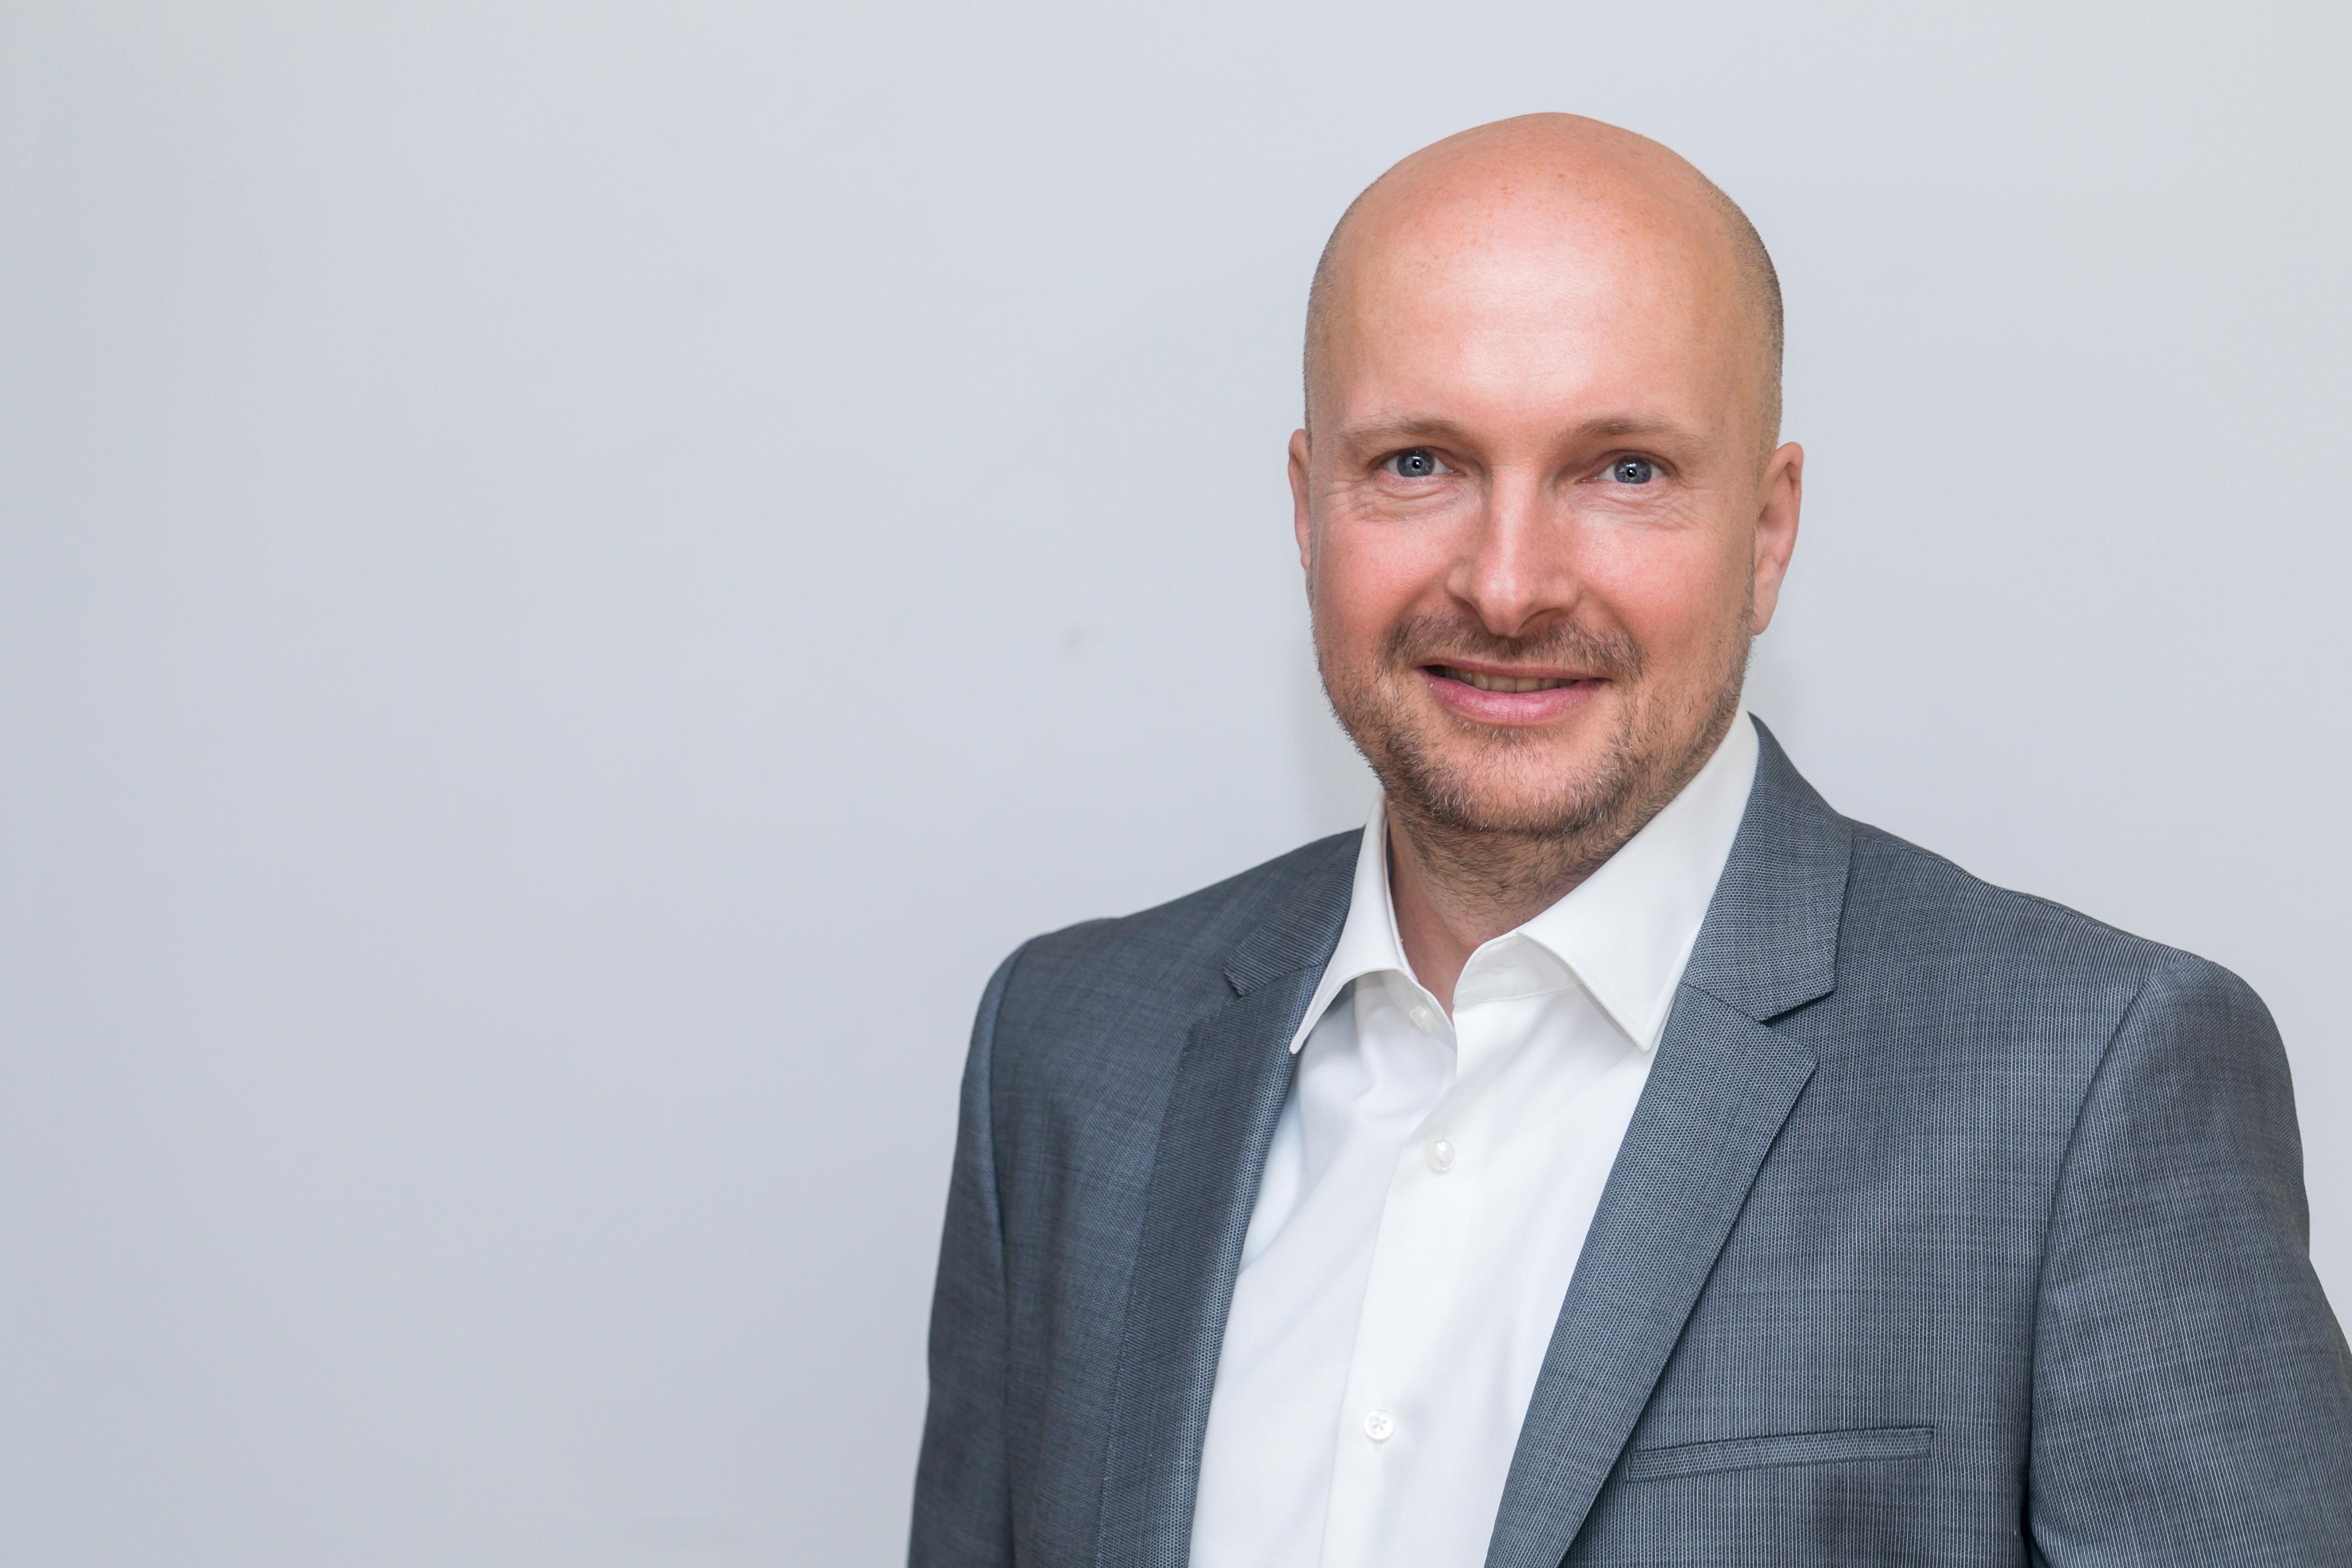 Martin Peuker